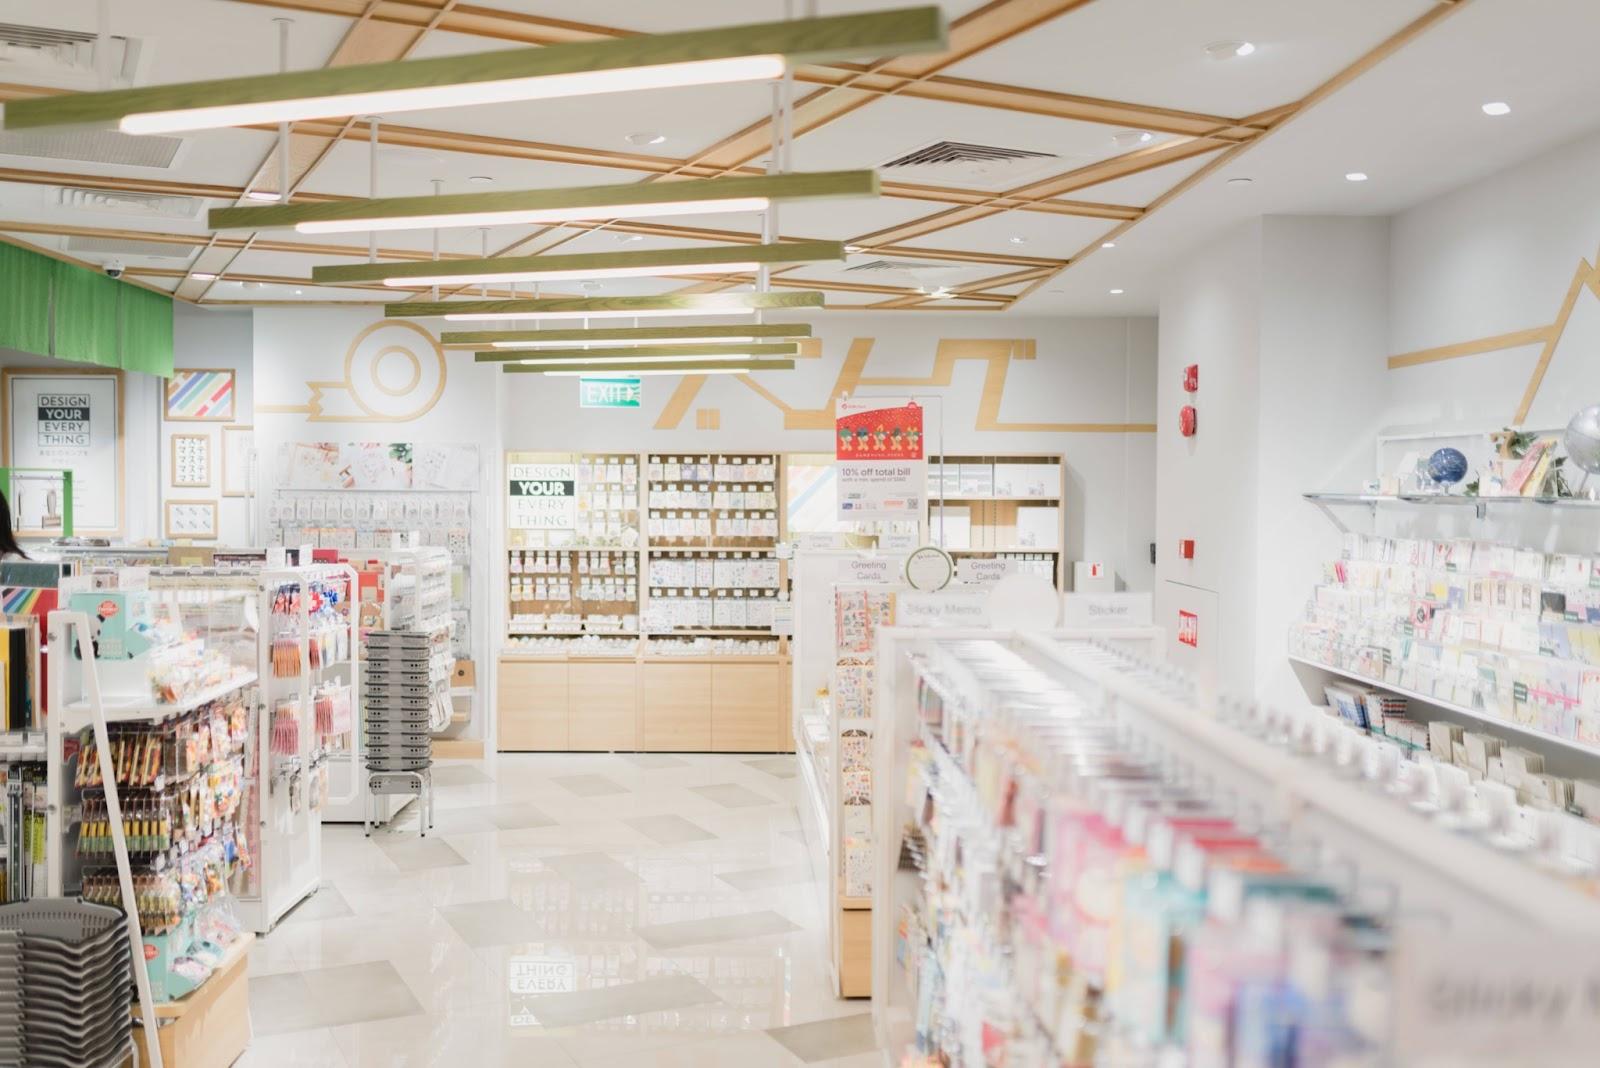 Foto dell'interno di una farmacia con diversi scaffali con molti farmaci e prodotti